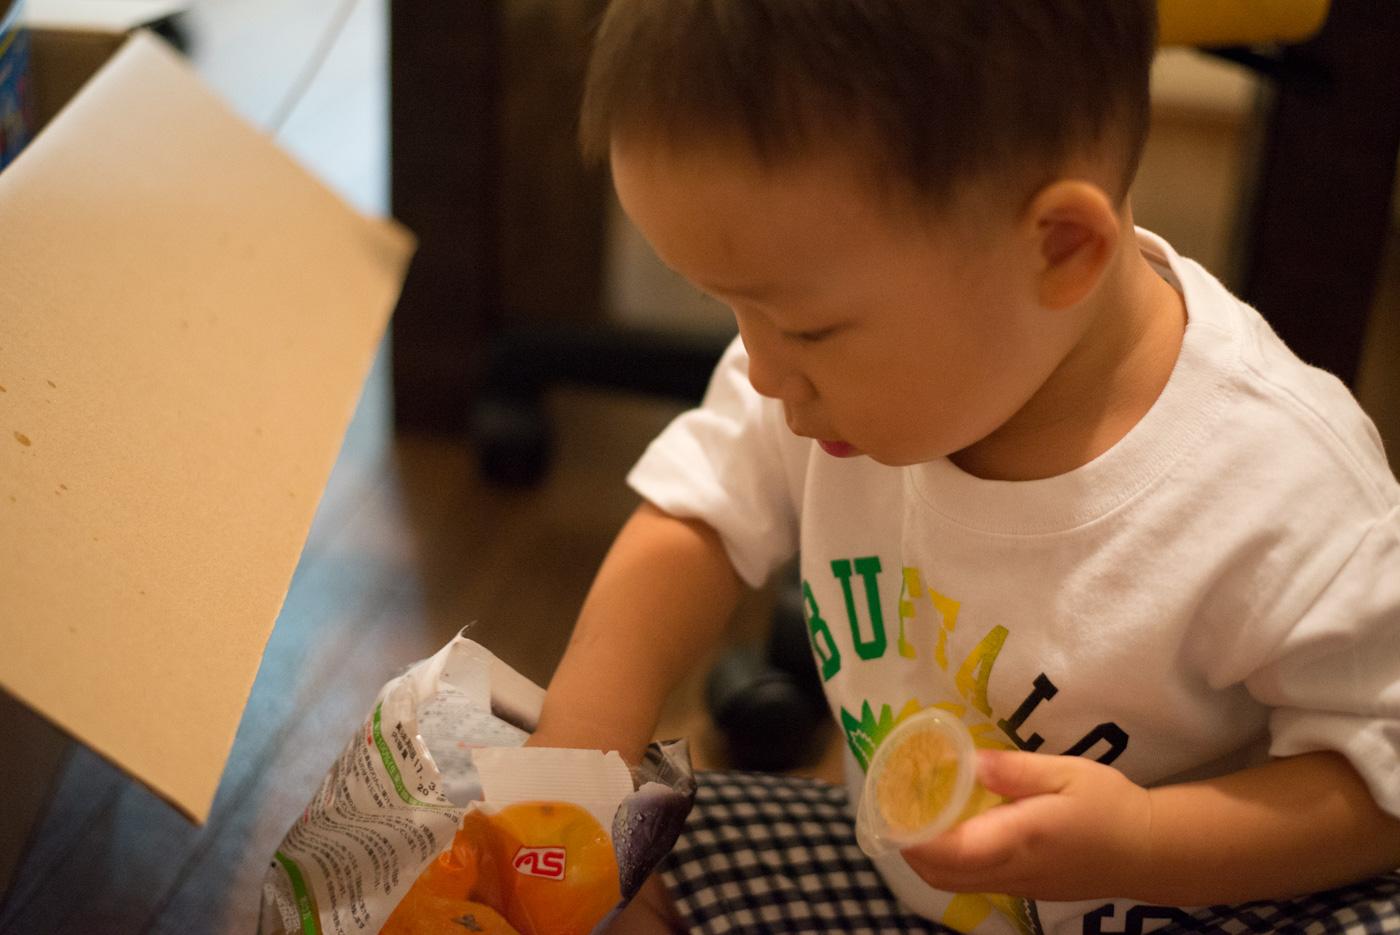 果汁100%ゼリー ミックスフルーツ味 20個入り 息子へのプレゼント